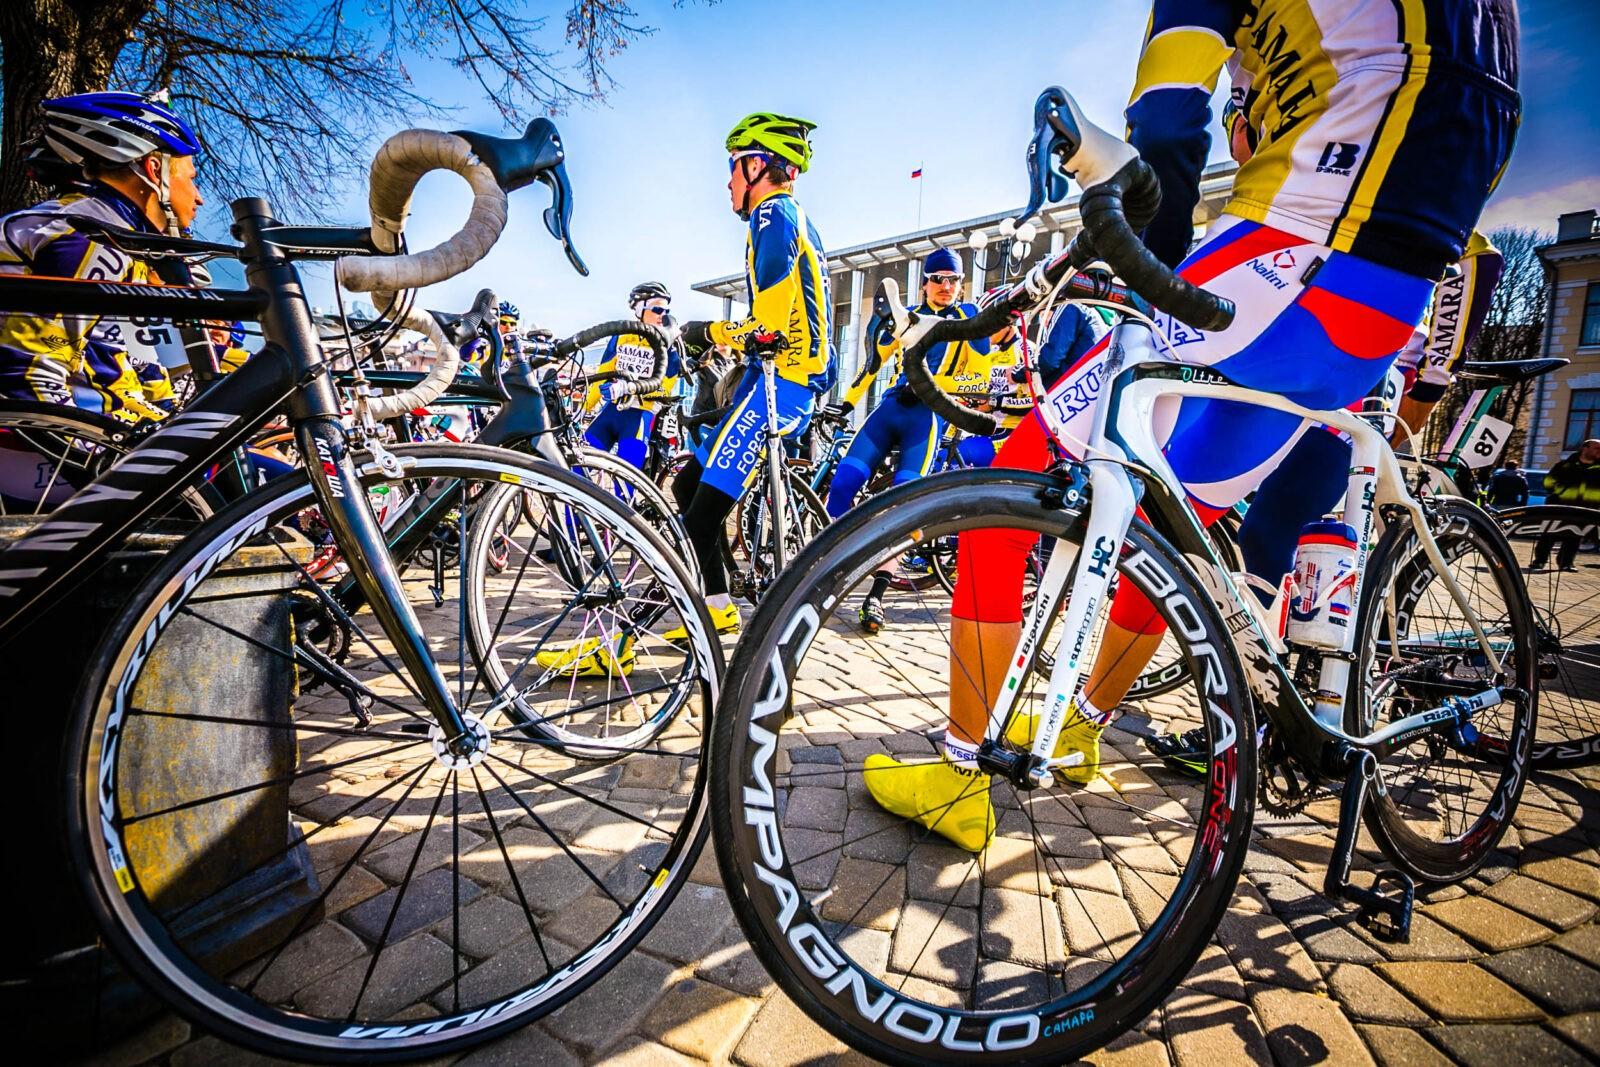 В Самарканде впервые за 20 лет проведены соревнования велосипедистов